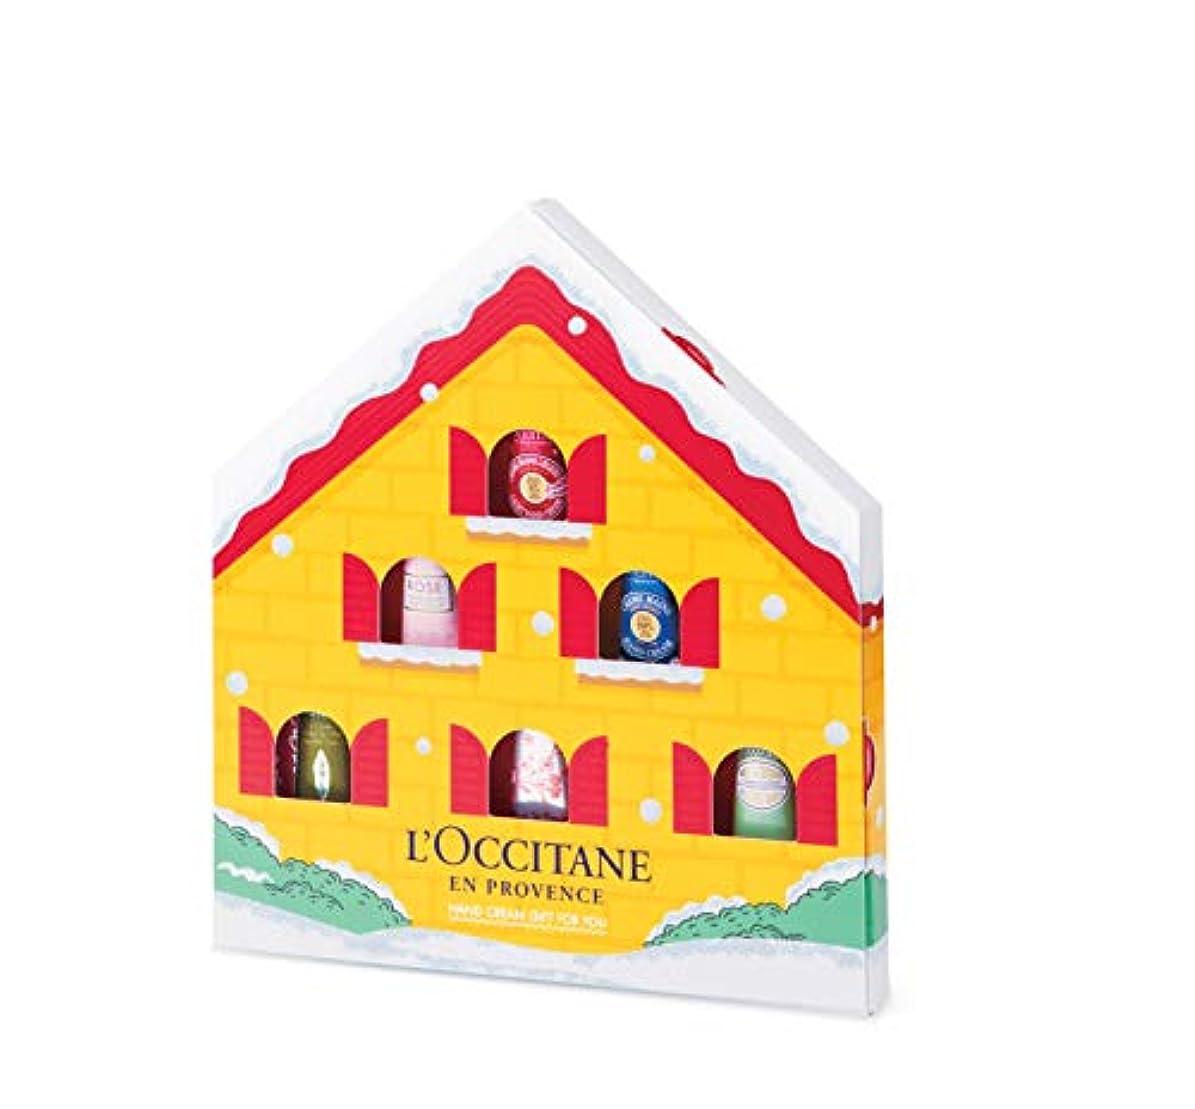 知り合いになる一般的な助けてロクシタン(L'OCCITANE) ハンドクリーム GIFT FOR YOU(ハンドクリーム 10ml×6個) セット